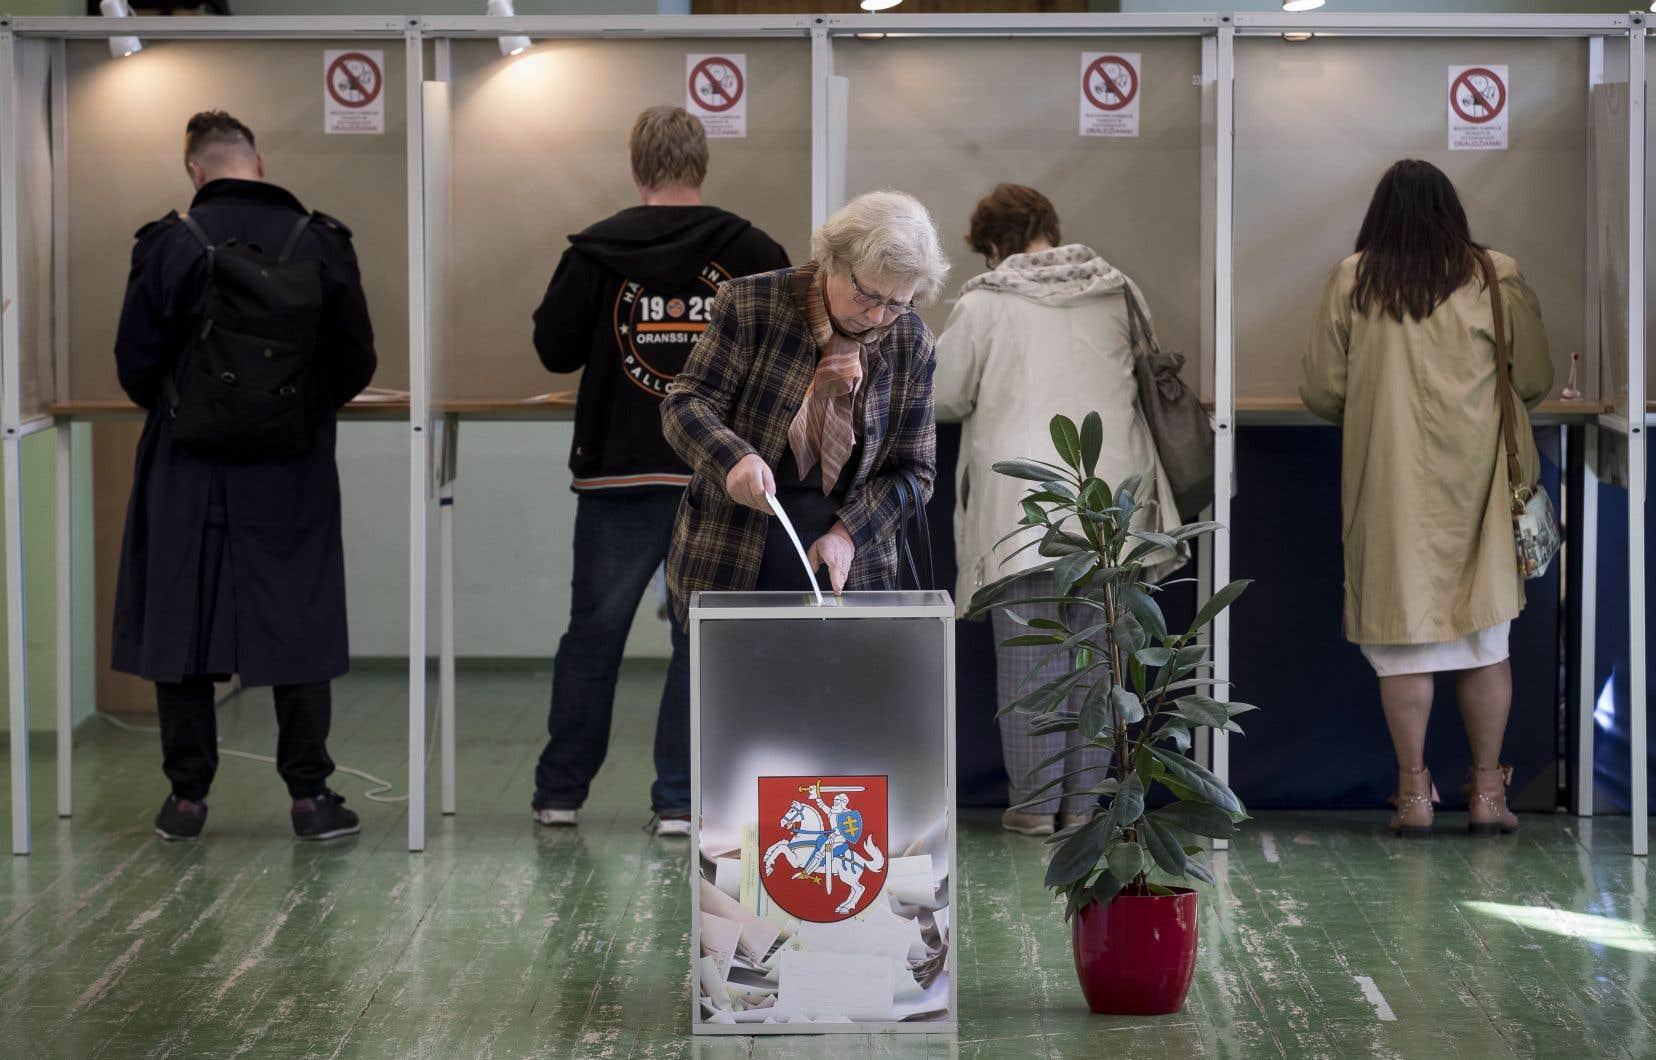 La campagne présidentielle a été dominée par la question de la fracture sociale entre riches et pauvres qui grandit en Lituanie en dépit d'une croissance solide.